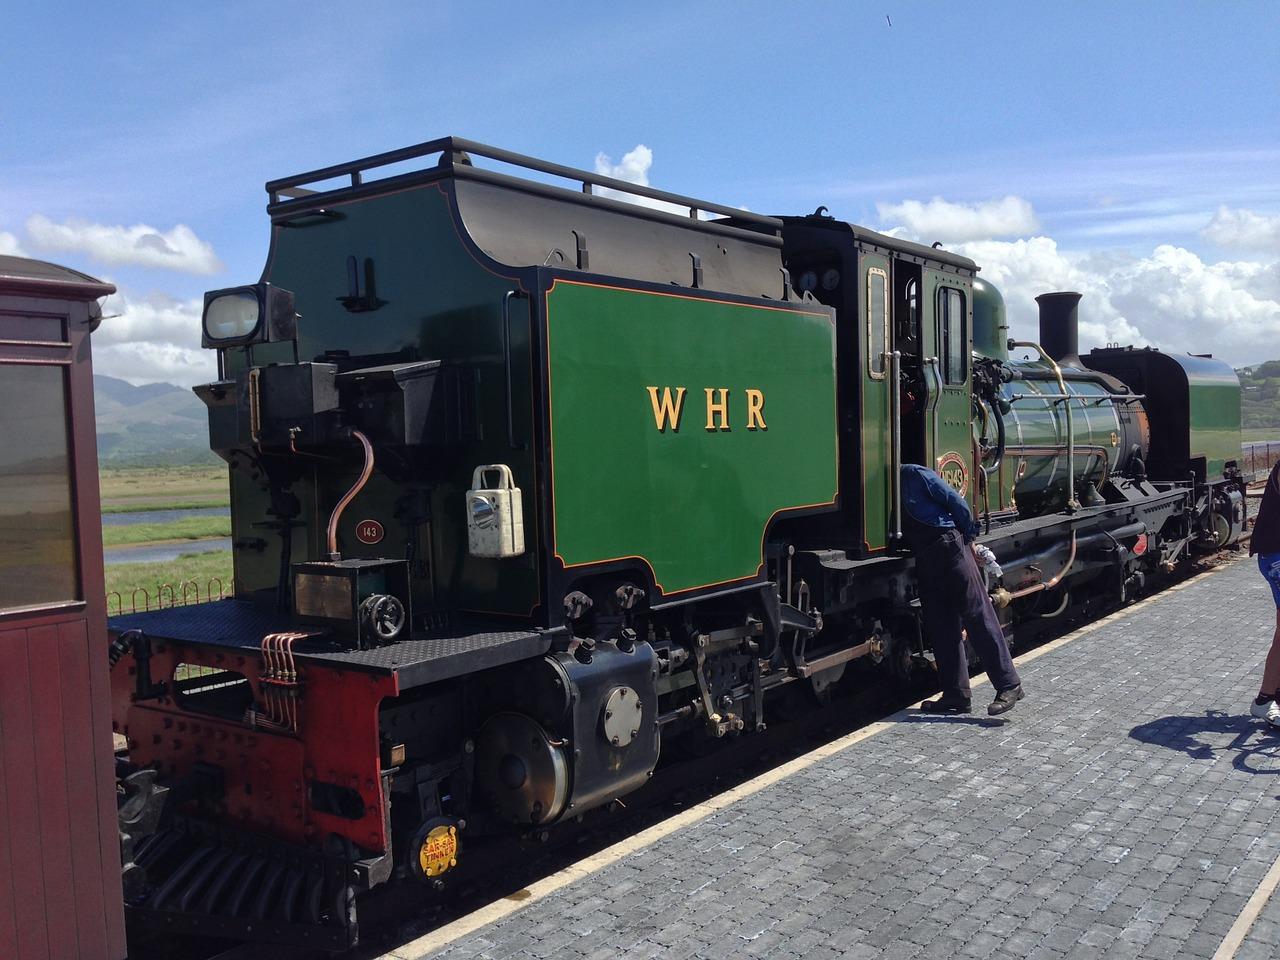 Beyer-Garratt-Lokomotiven - Britische Bahn Wiki